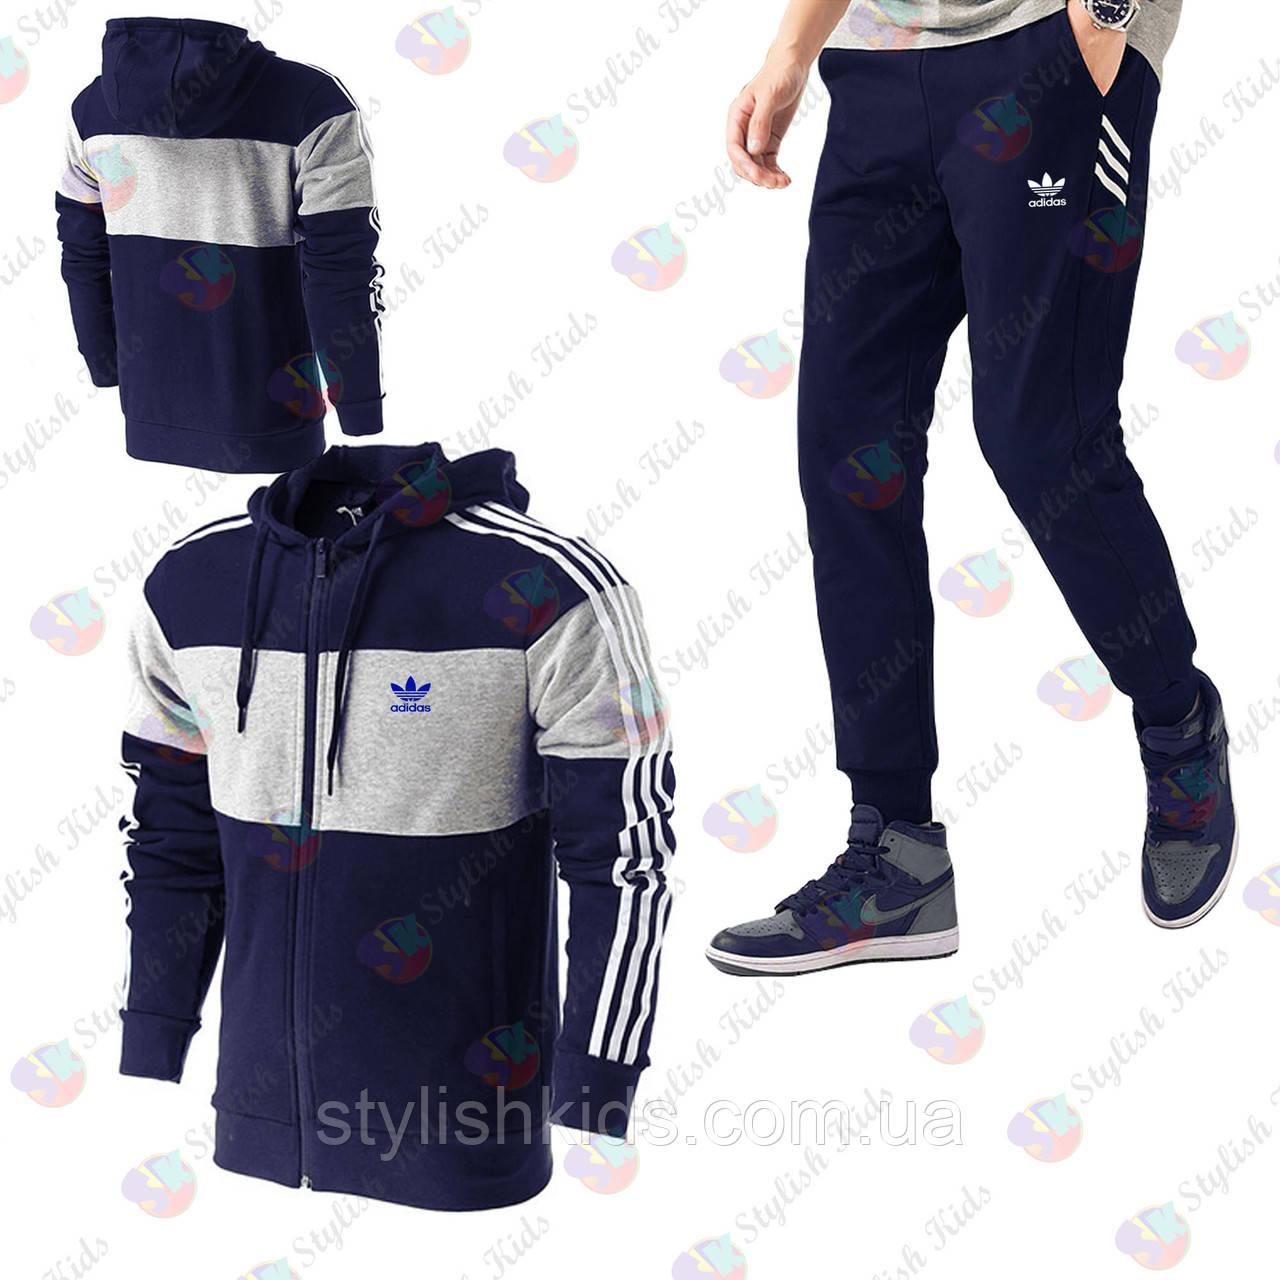 9144339ef4b61d Купить спортивный костюм подростковый adidas.Спортивный костюм купить в интернет  магазине.